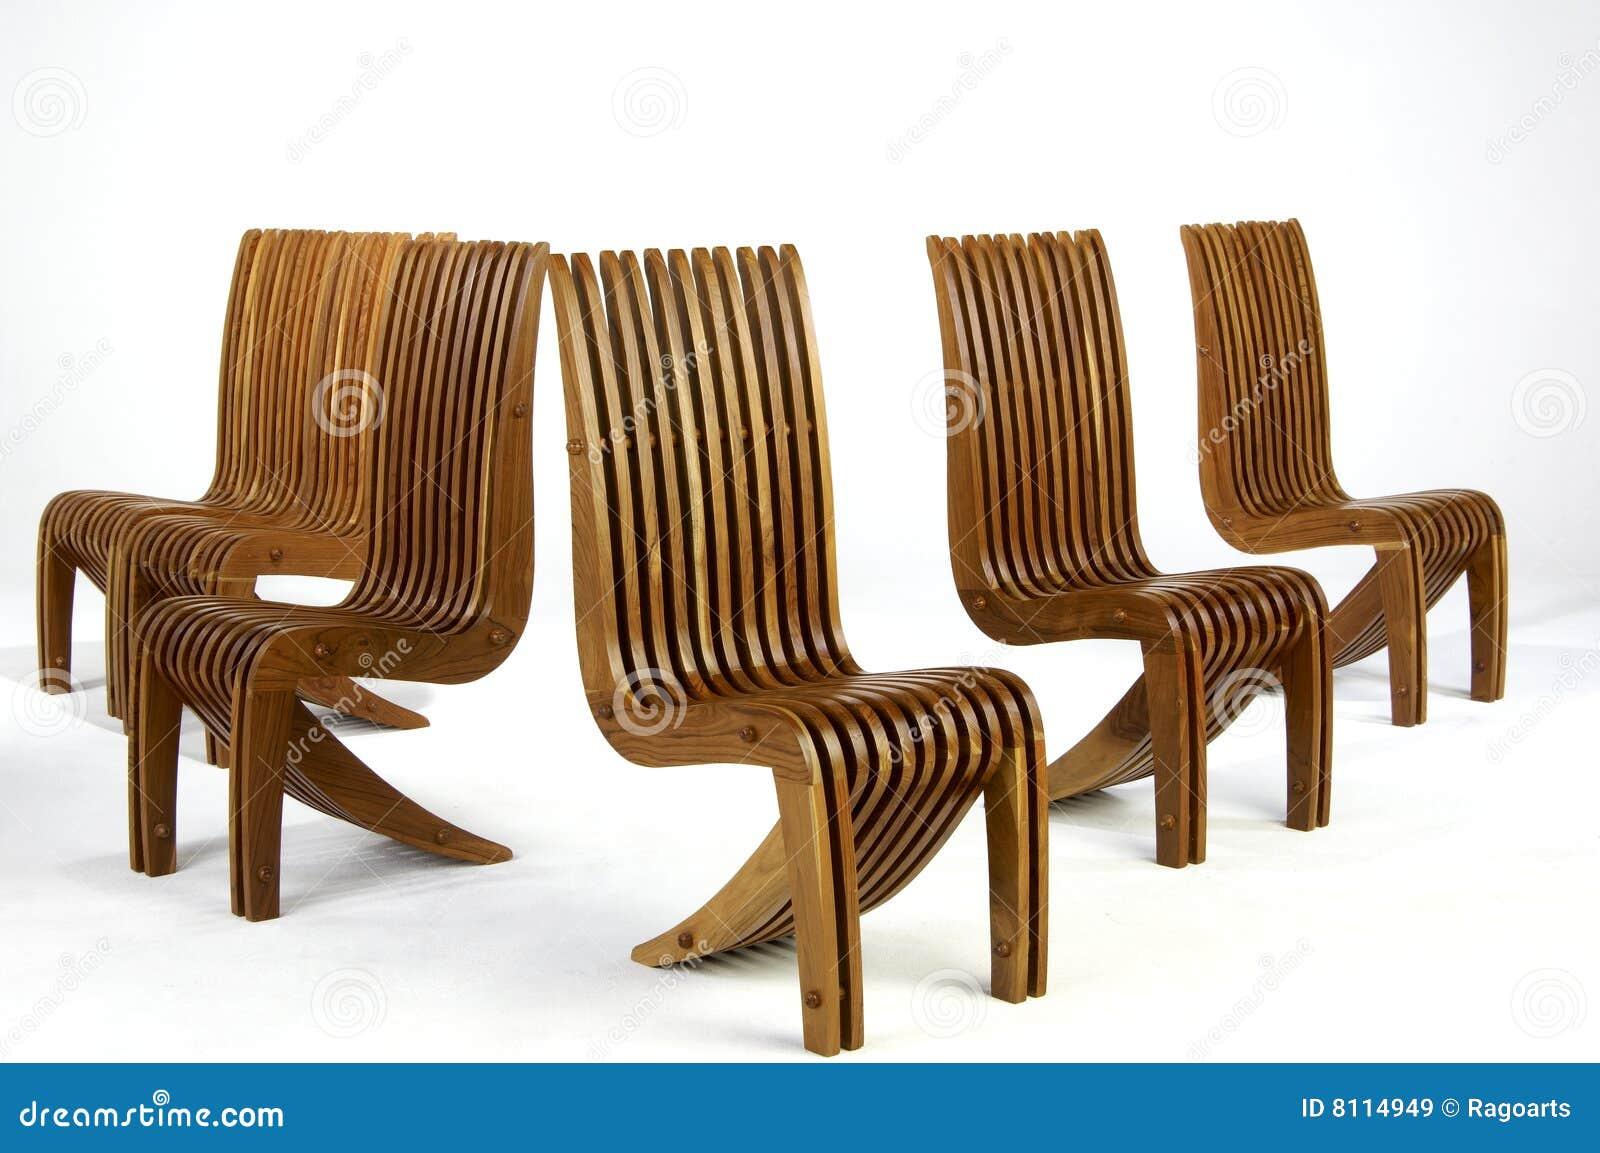 Cinco sillas laterales de madera del dise o moderno imagen for Sillas modernas precios